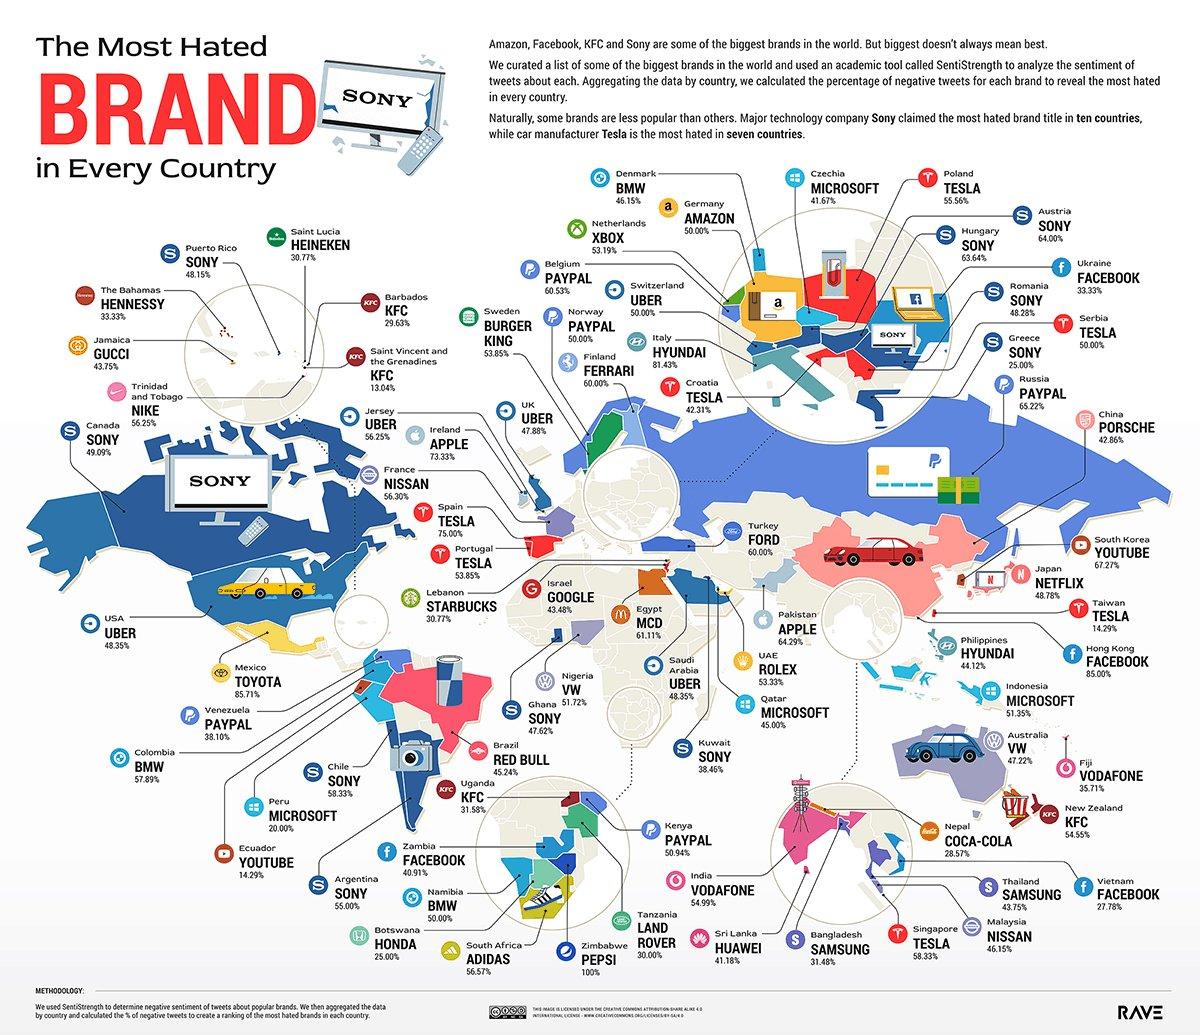 Microsoft, dünyanın en nefret edilen markası oldu #1